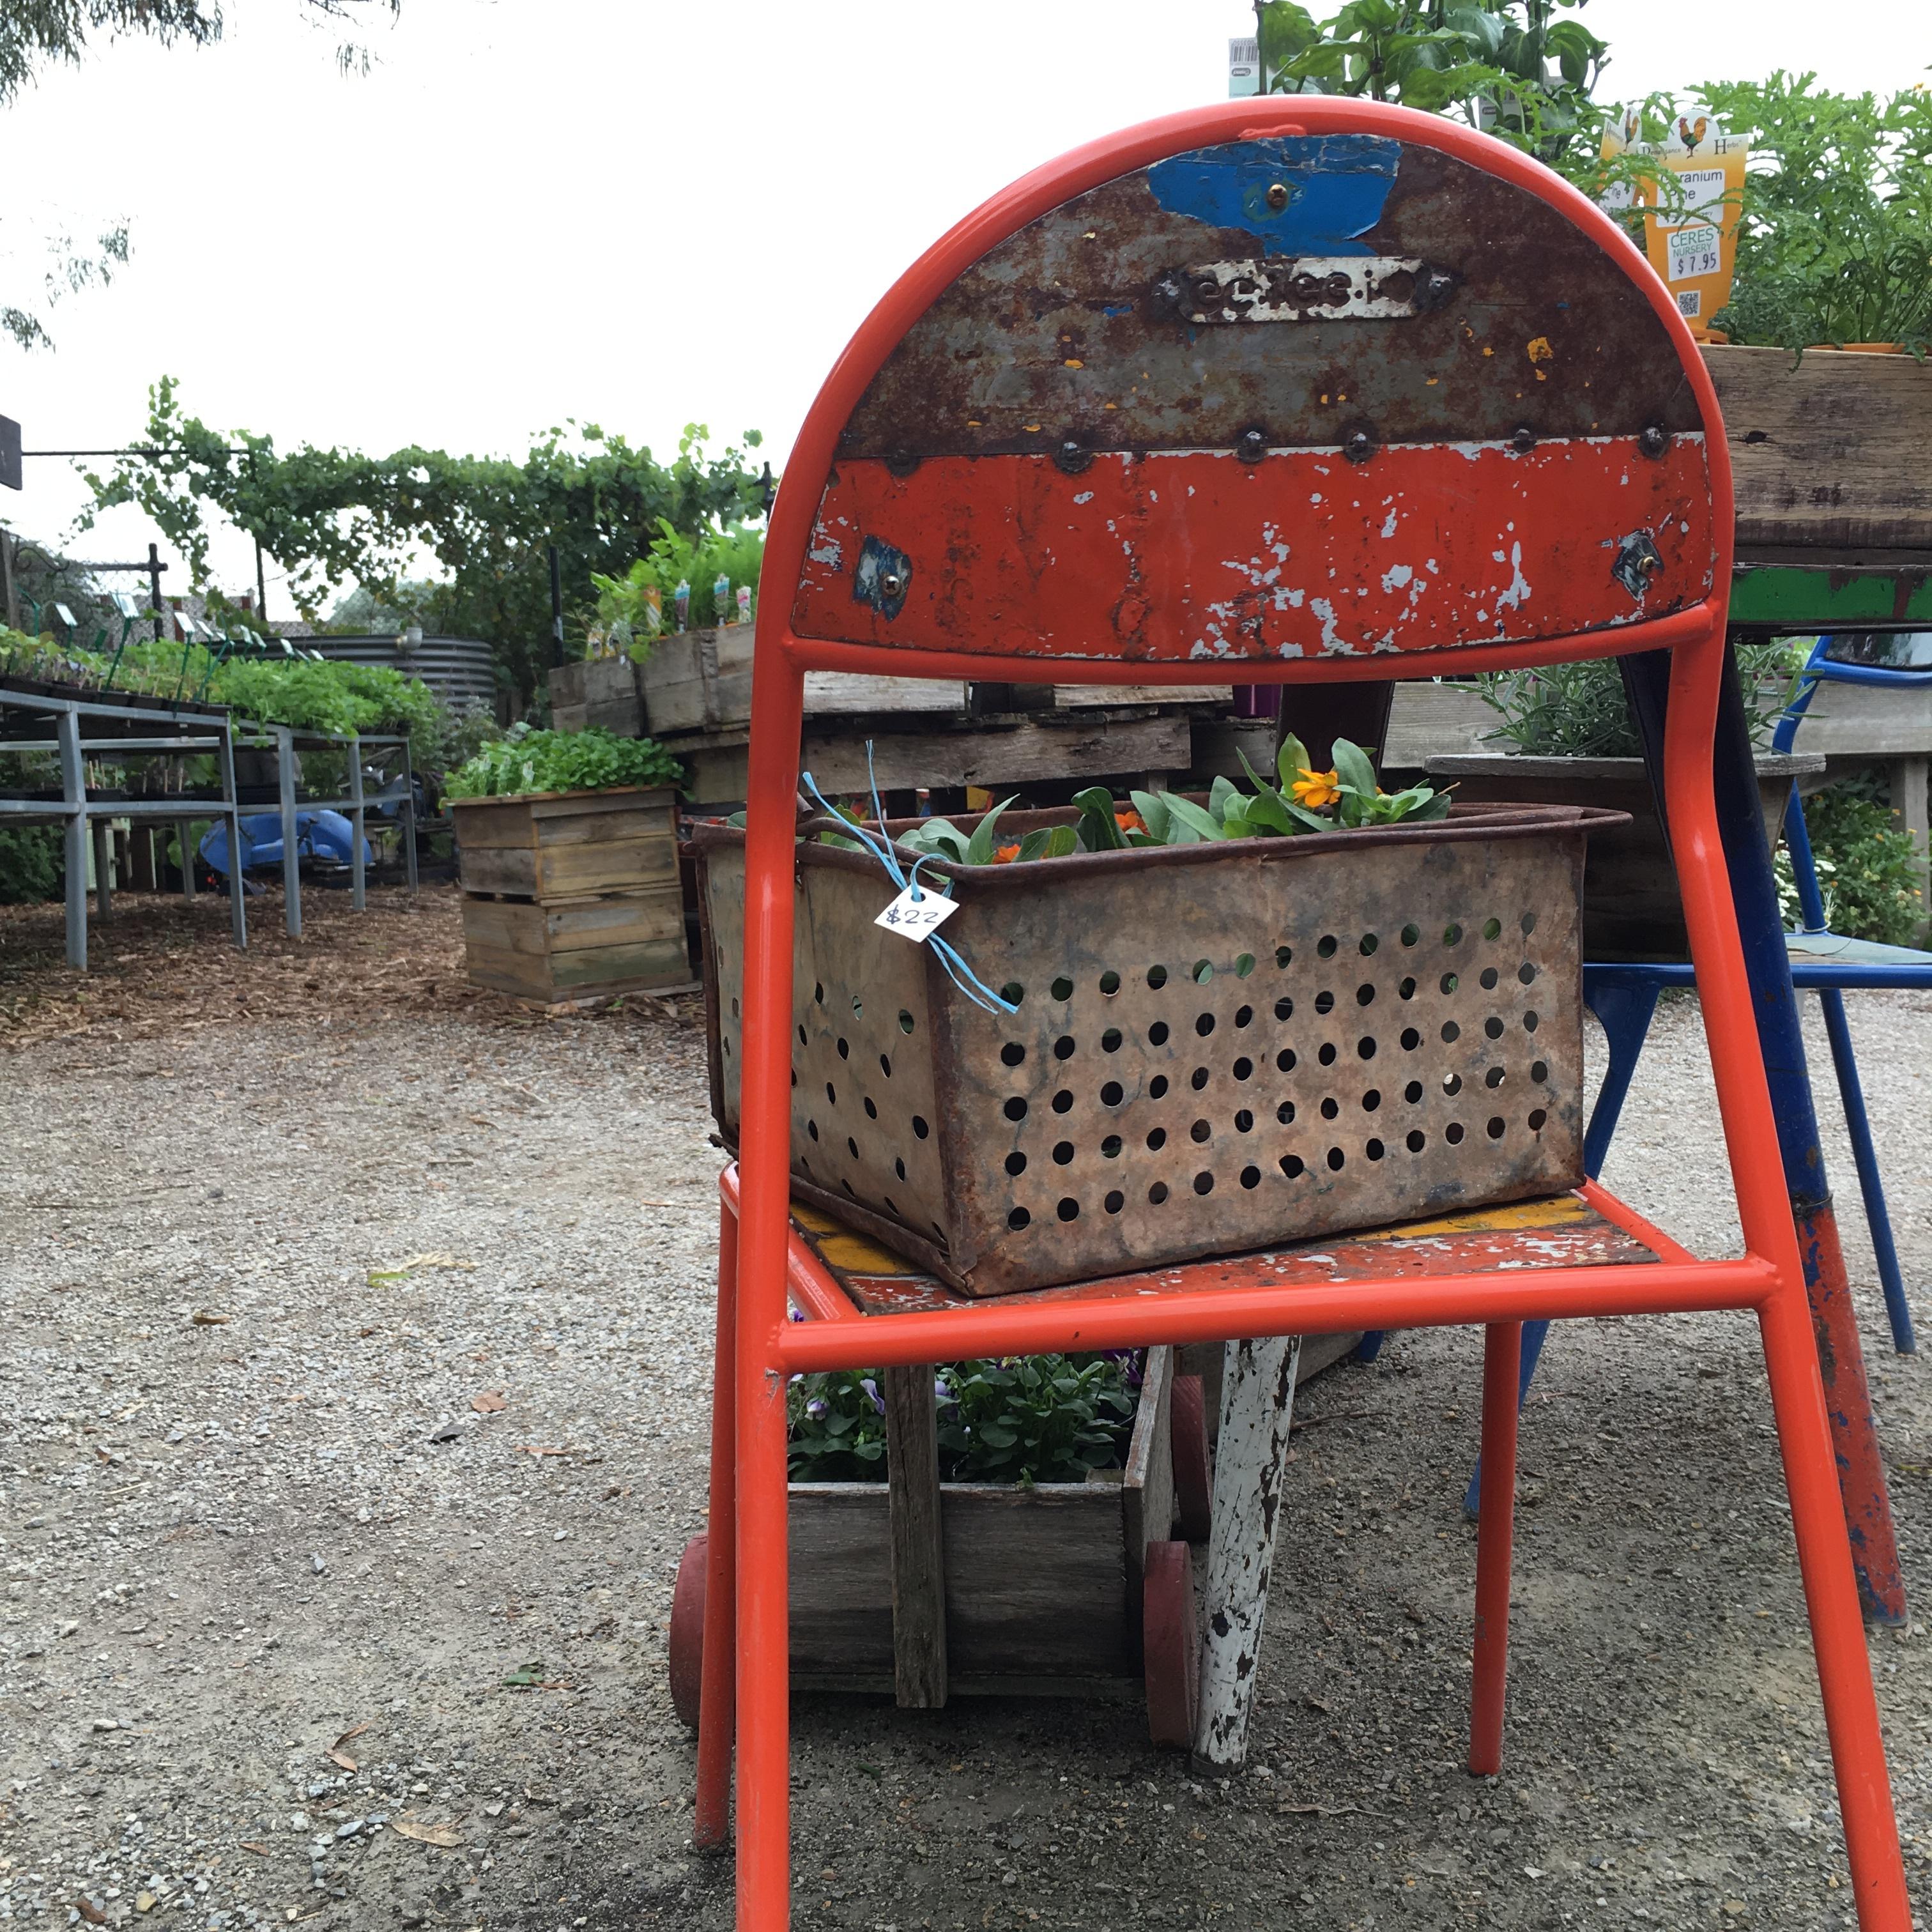 Fotos gratis : jugar, comida, vehículo, mueble, espacio publico ...